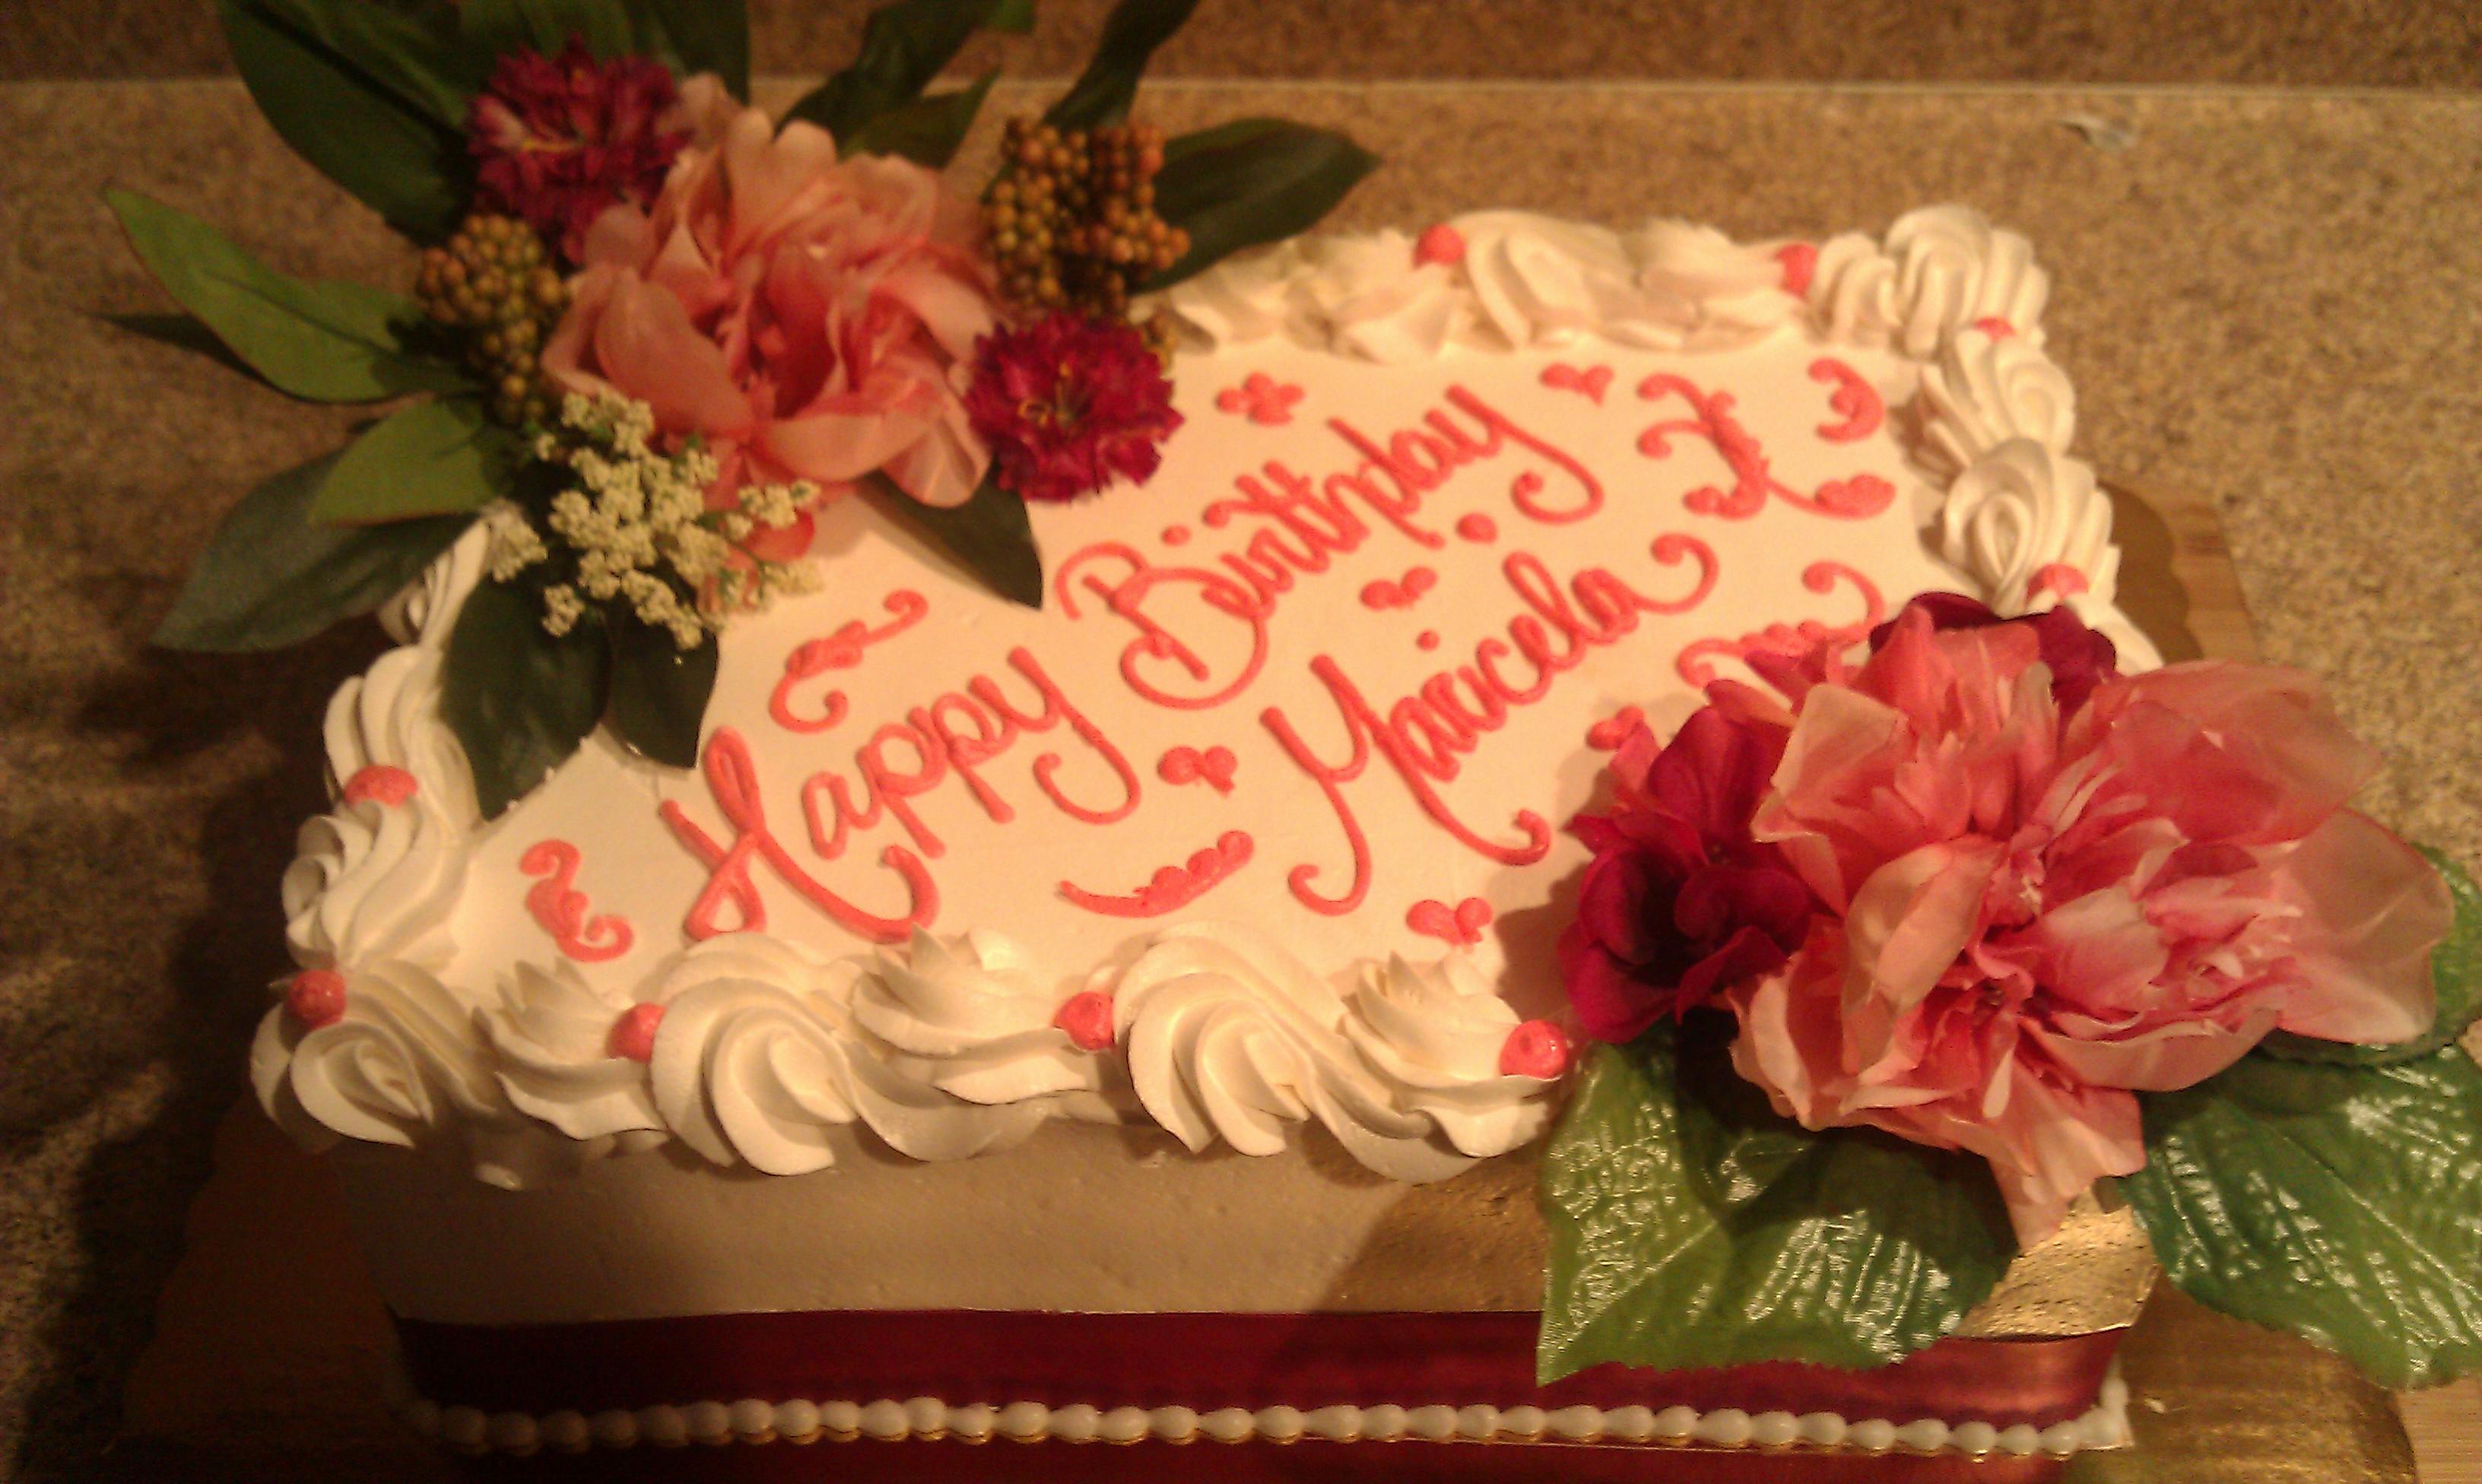 Birthday cakes oxford : Pin corinnes cakes oxford wixcom cake on pinterest